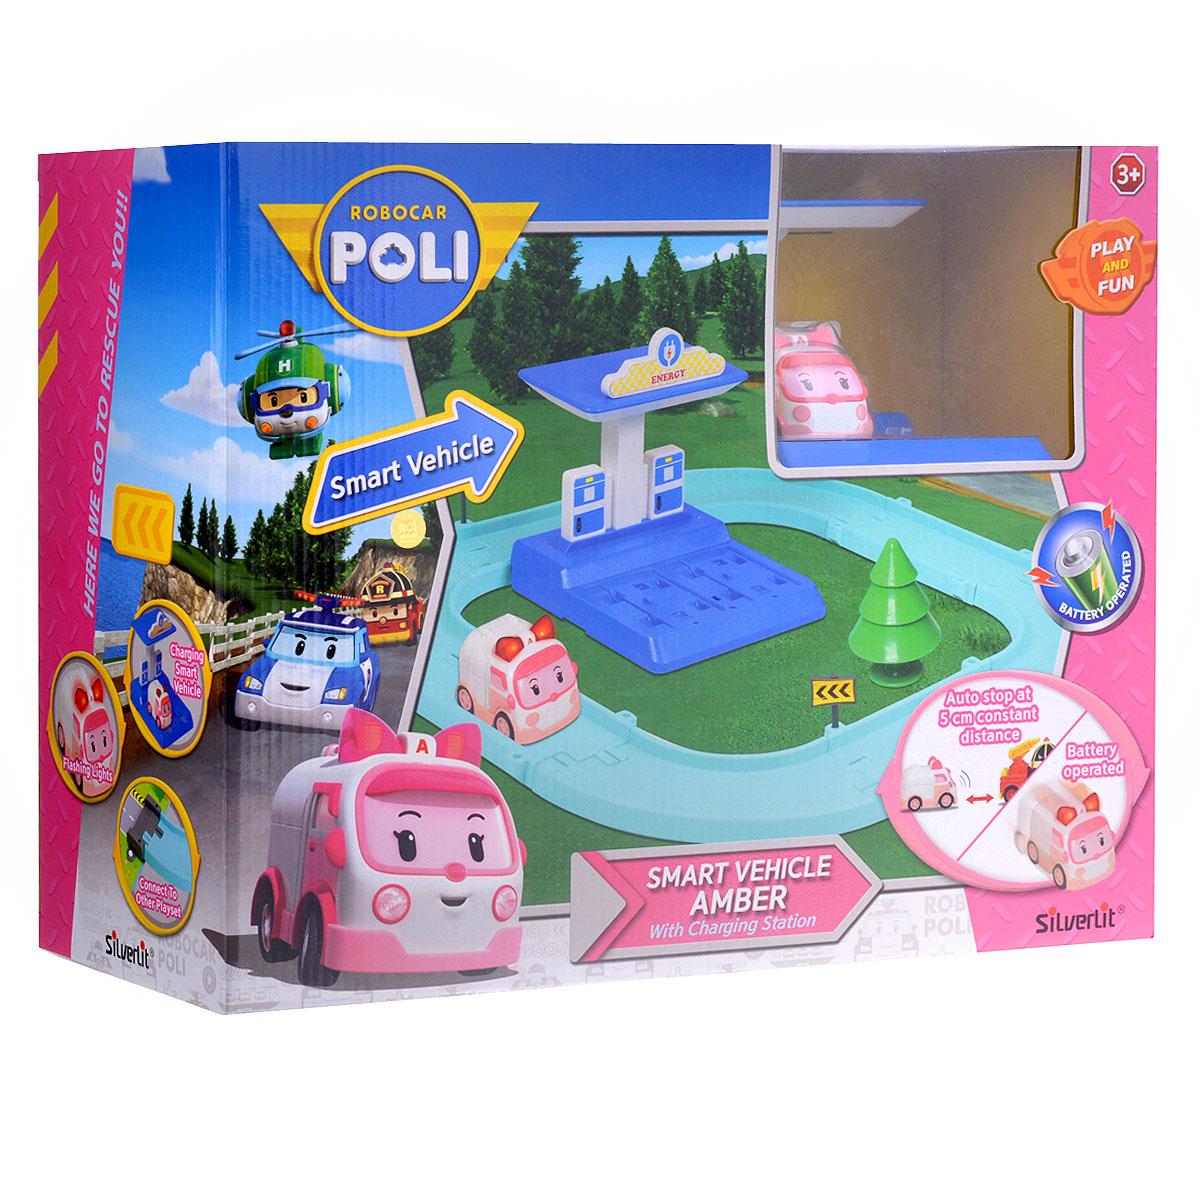 Robocar Poli Игрушечный трек Умная машинка Эмбер